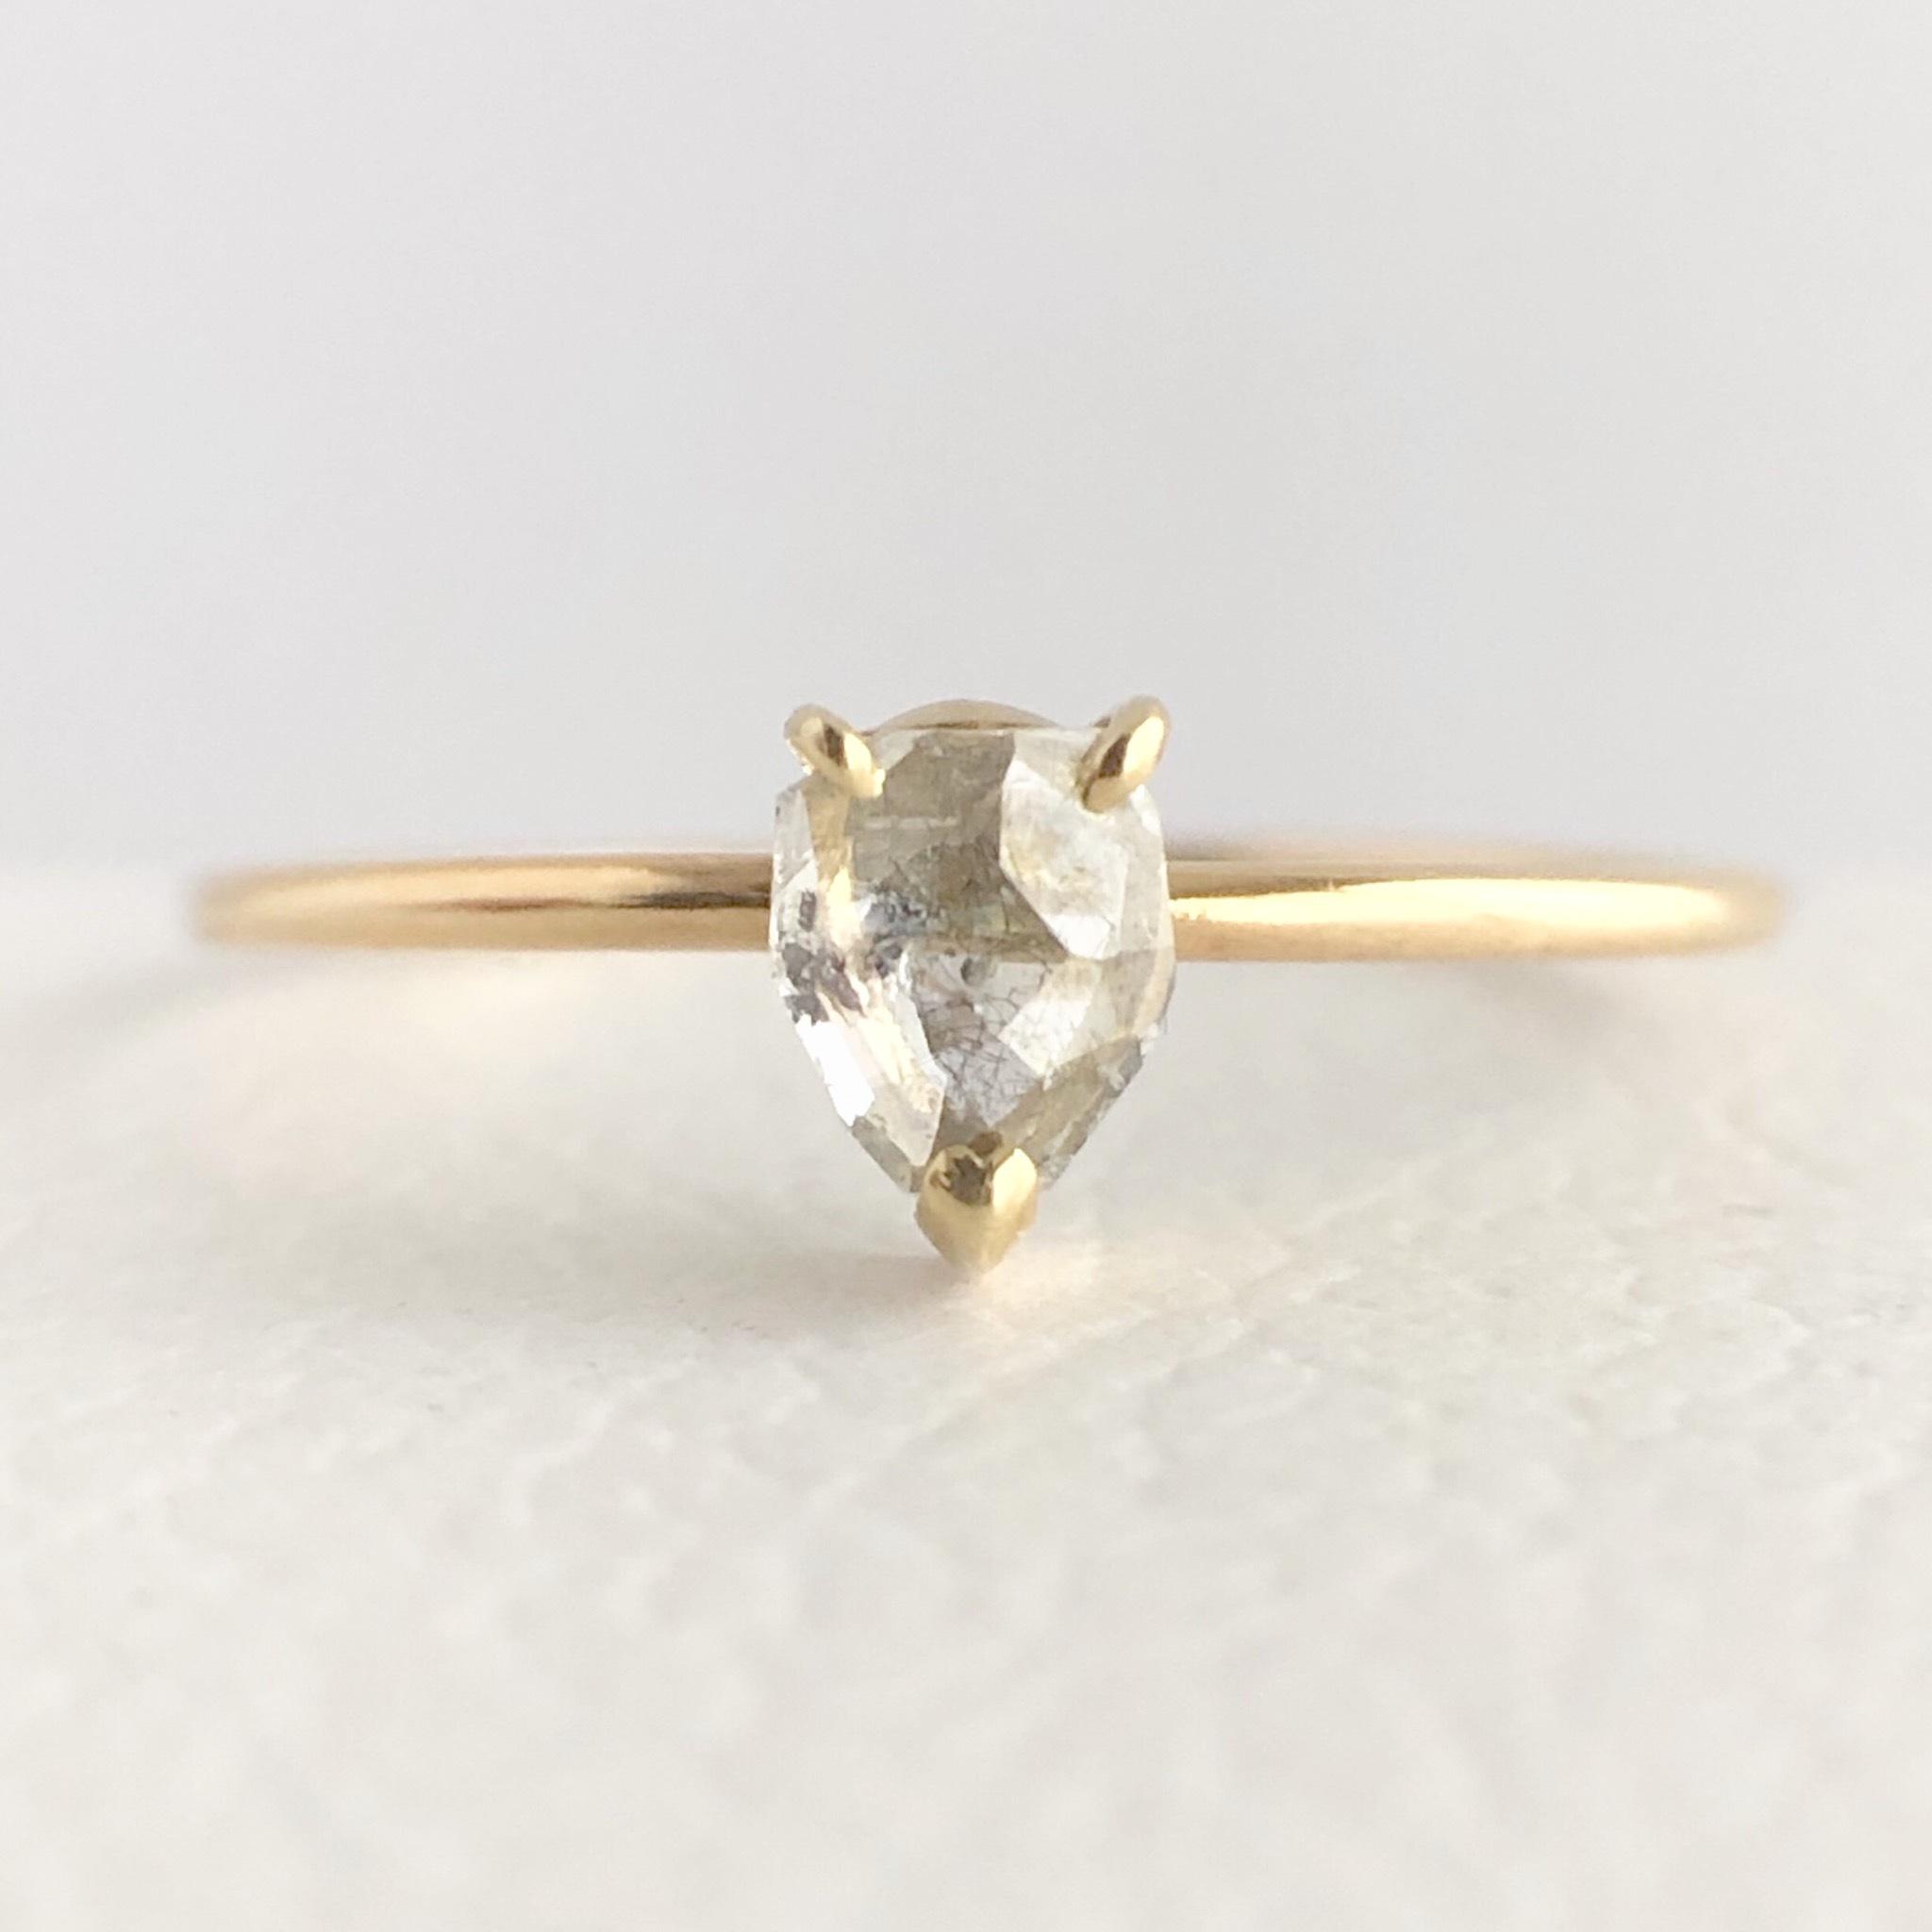 ナチュラルダイヤモンド リング 0.275ct チェカ K18イエローゴールド